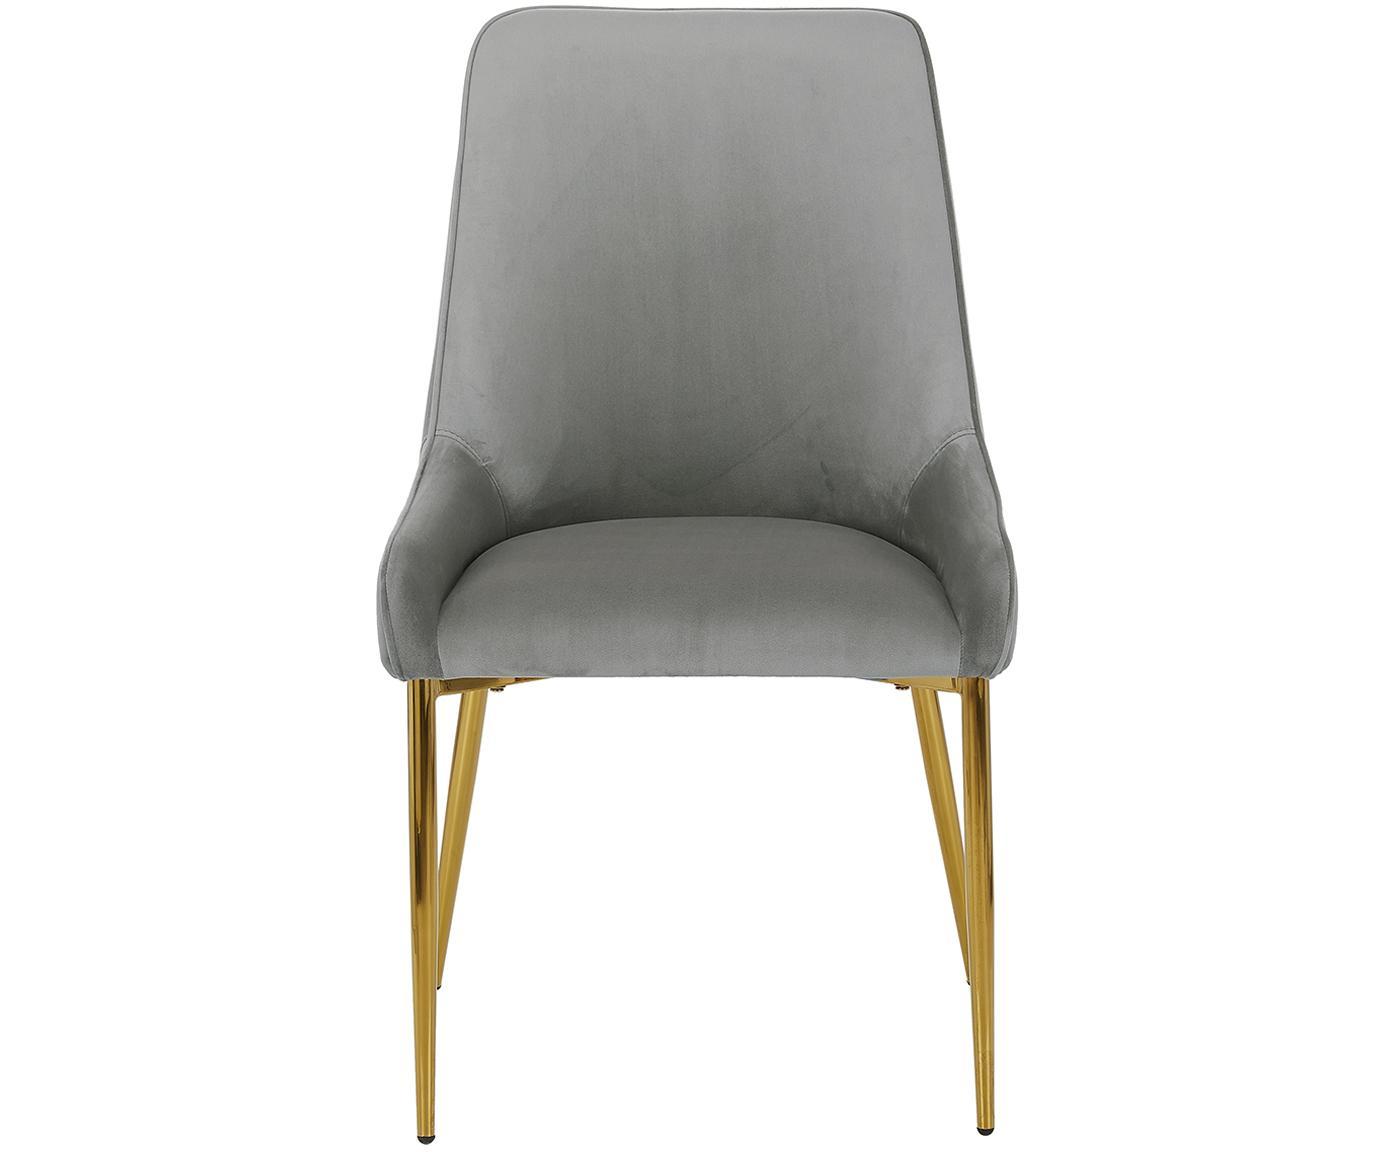 Fluwelen stoel Ava, Bekleding: fluweel (100% polyester), Poten: gegalvaniseerd metaal, Grijs, B 55 x D 60 cm